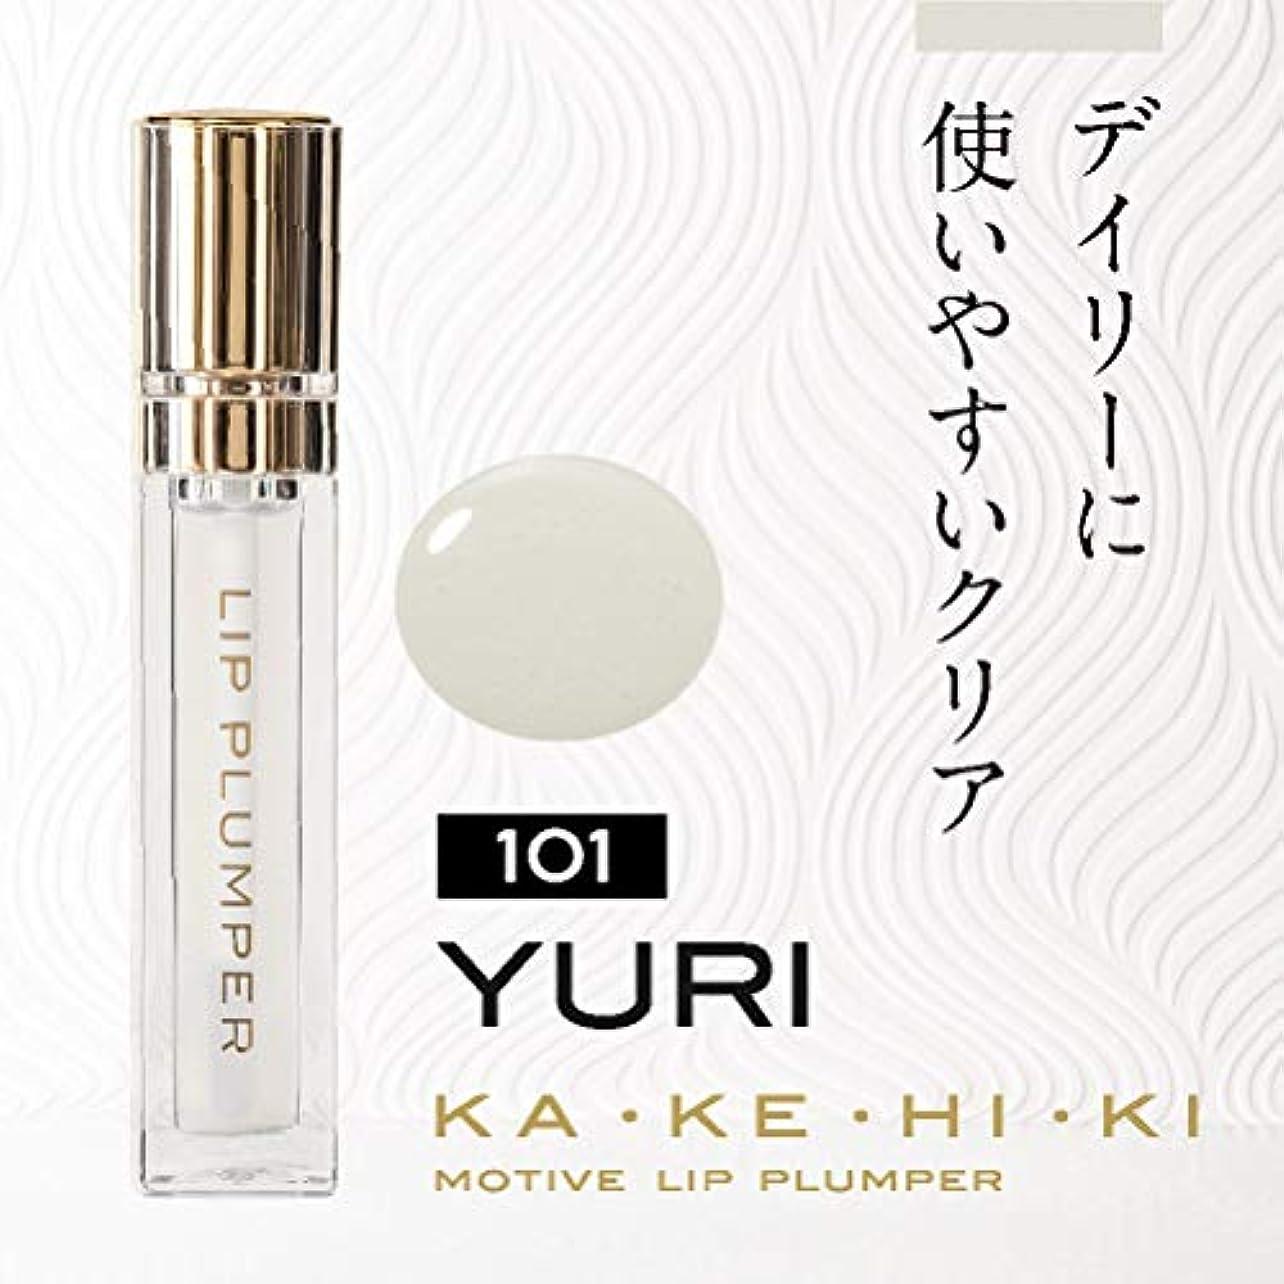 縫い目ソフトウェアジョガーリッププランパー KAKEHIKI (101 YURI クリア)